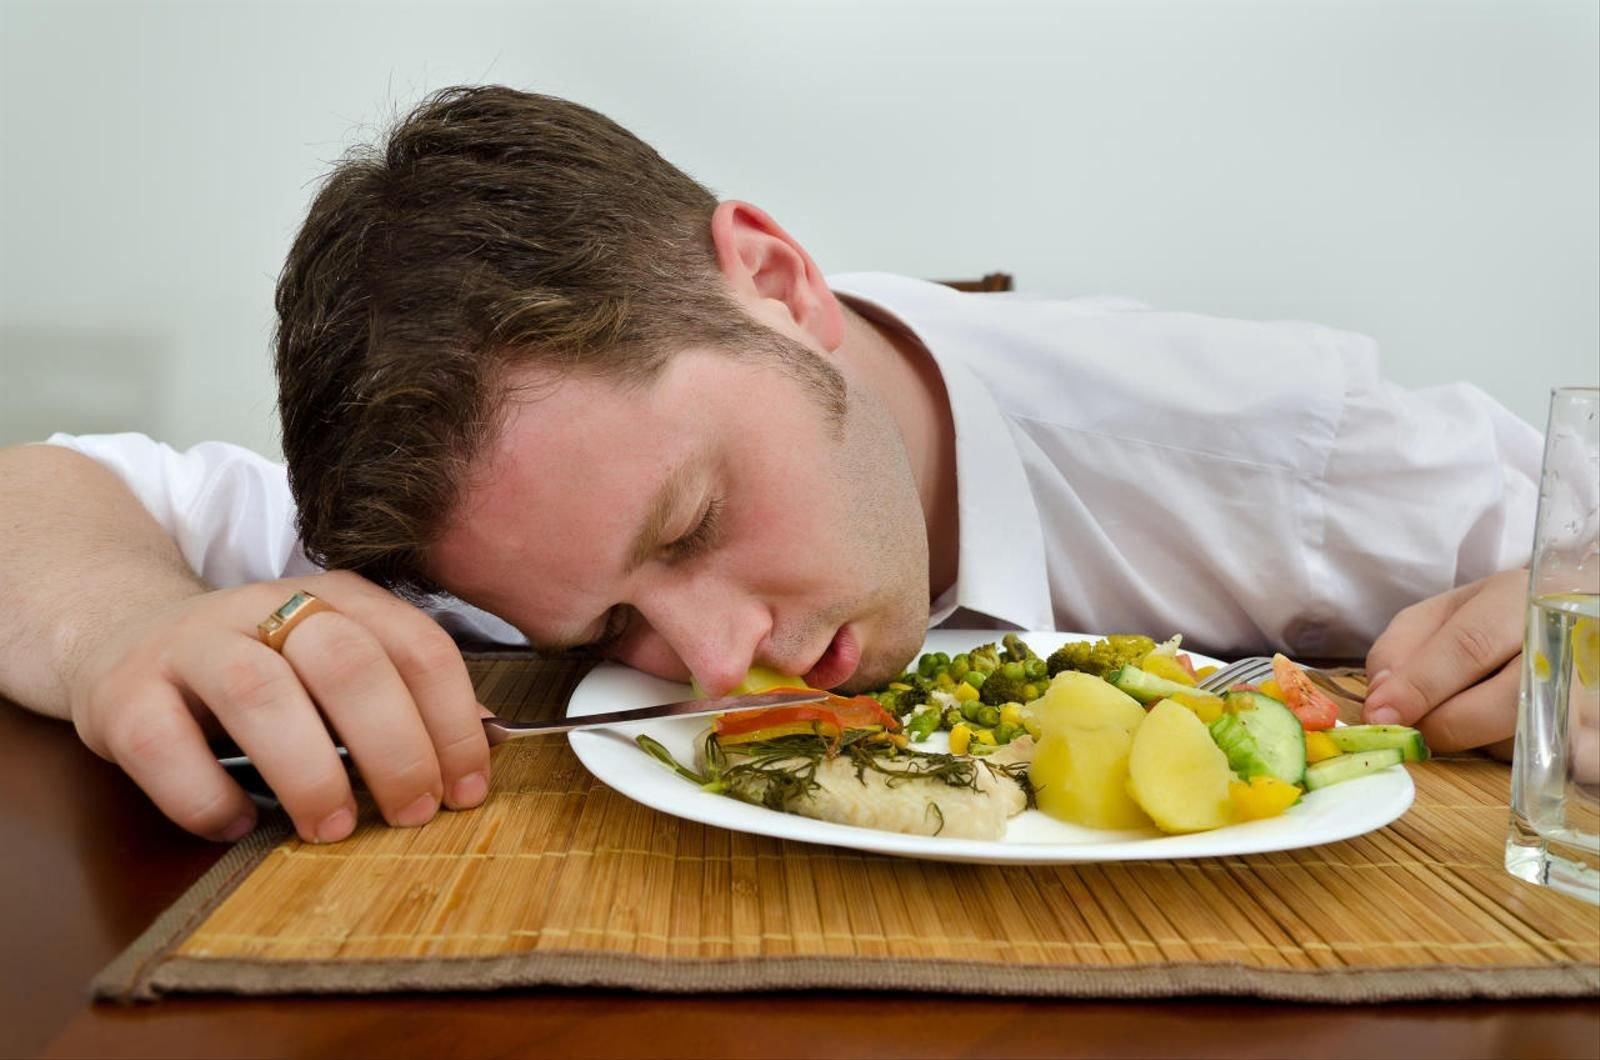 Список продуктов, которые отбирают силы: какие овощи и фрукты лучше есть днем, а какие вечером